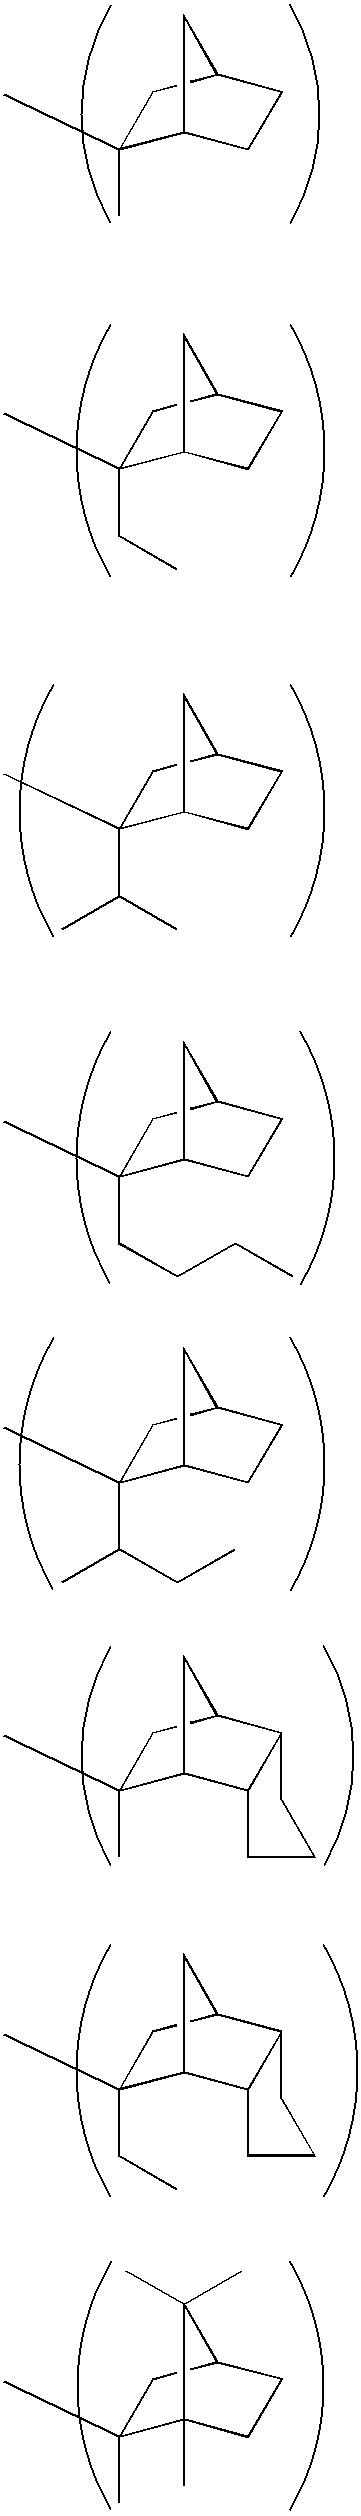 Figure US20030113659A1-20030619-C00008